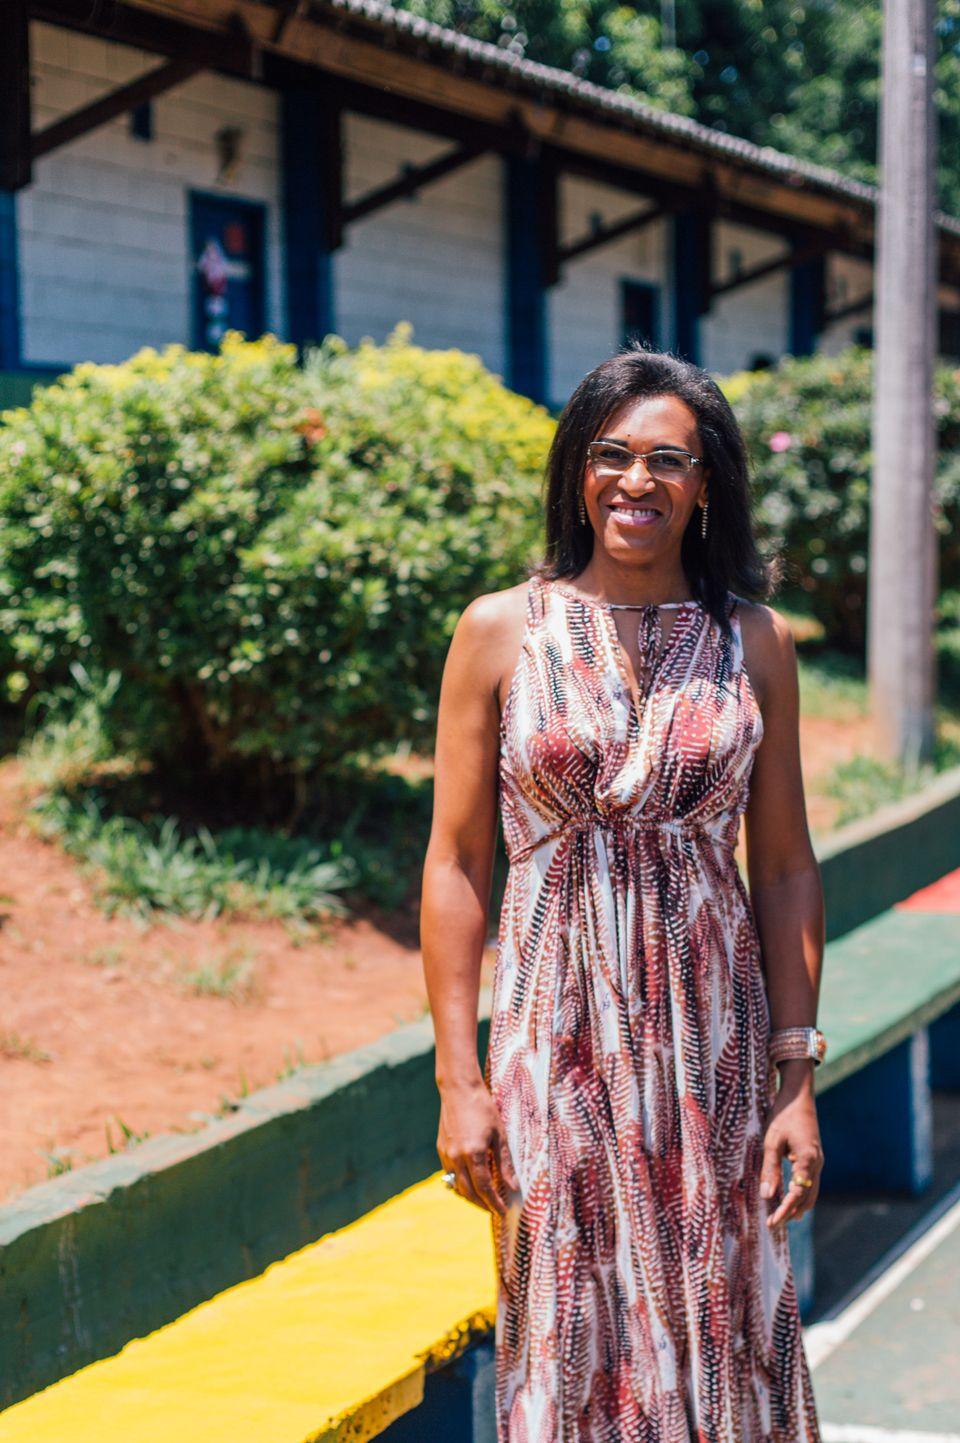 Ela busca ser uma diretora não autoritária, aberta ao diálogo e com uma gestão...